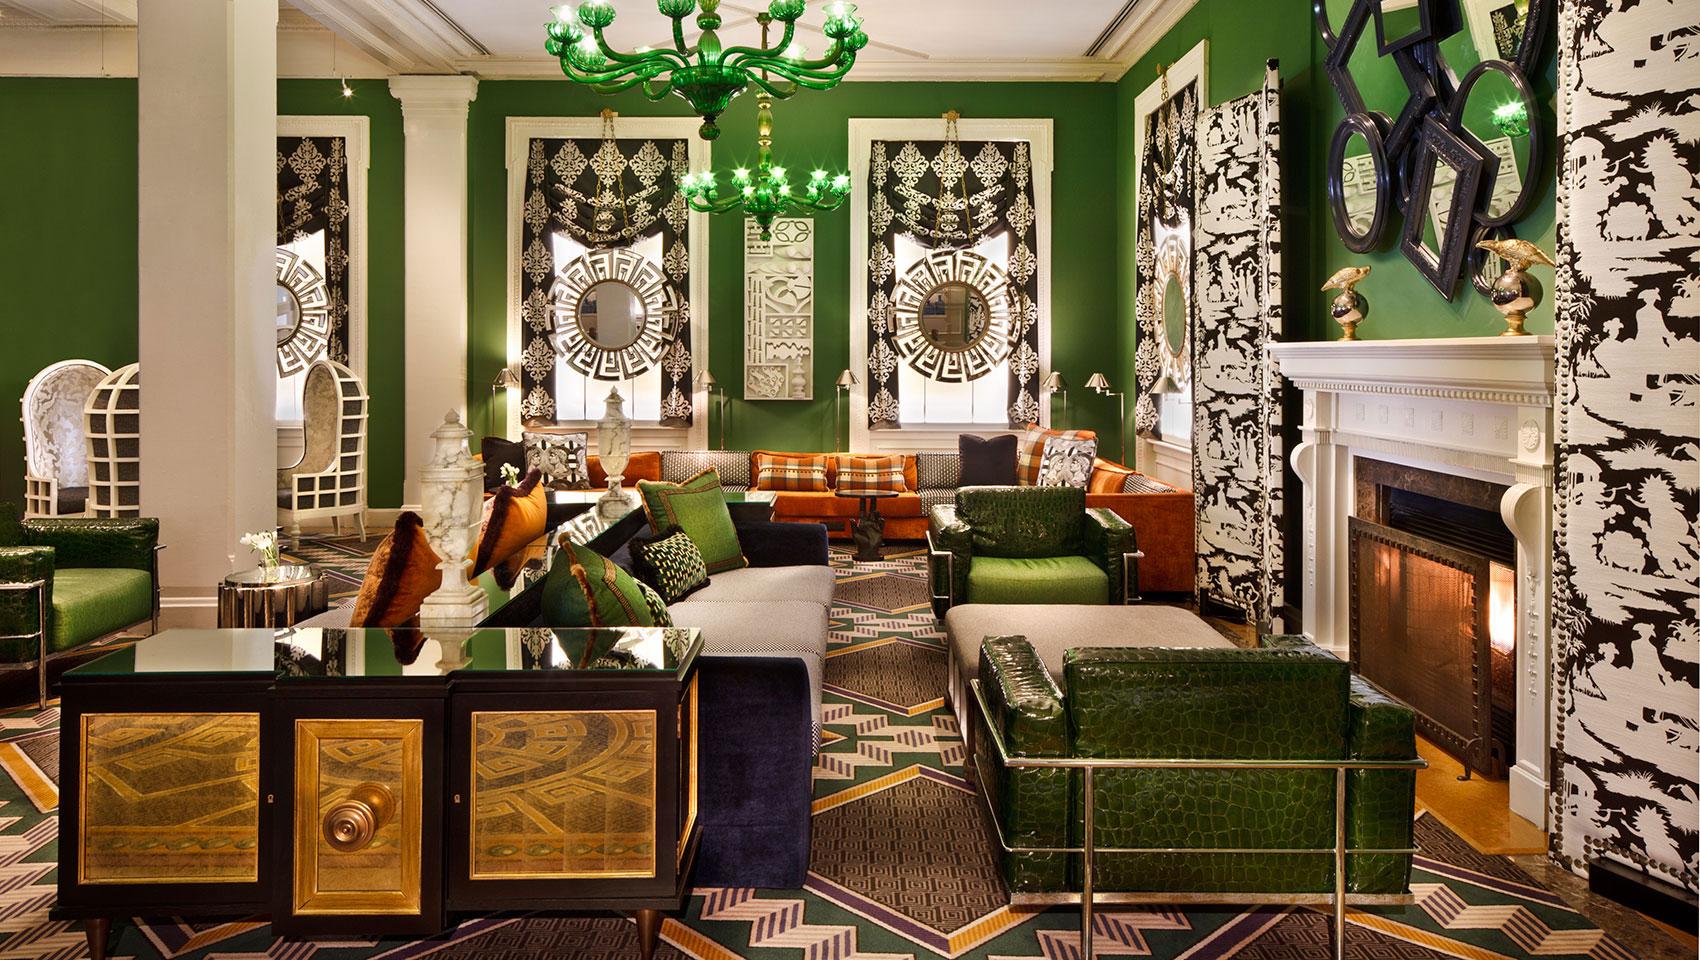 Washington Dc Hotels >> Washington Dc Hotels Kimpton Hotel Monaco Dc